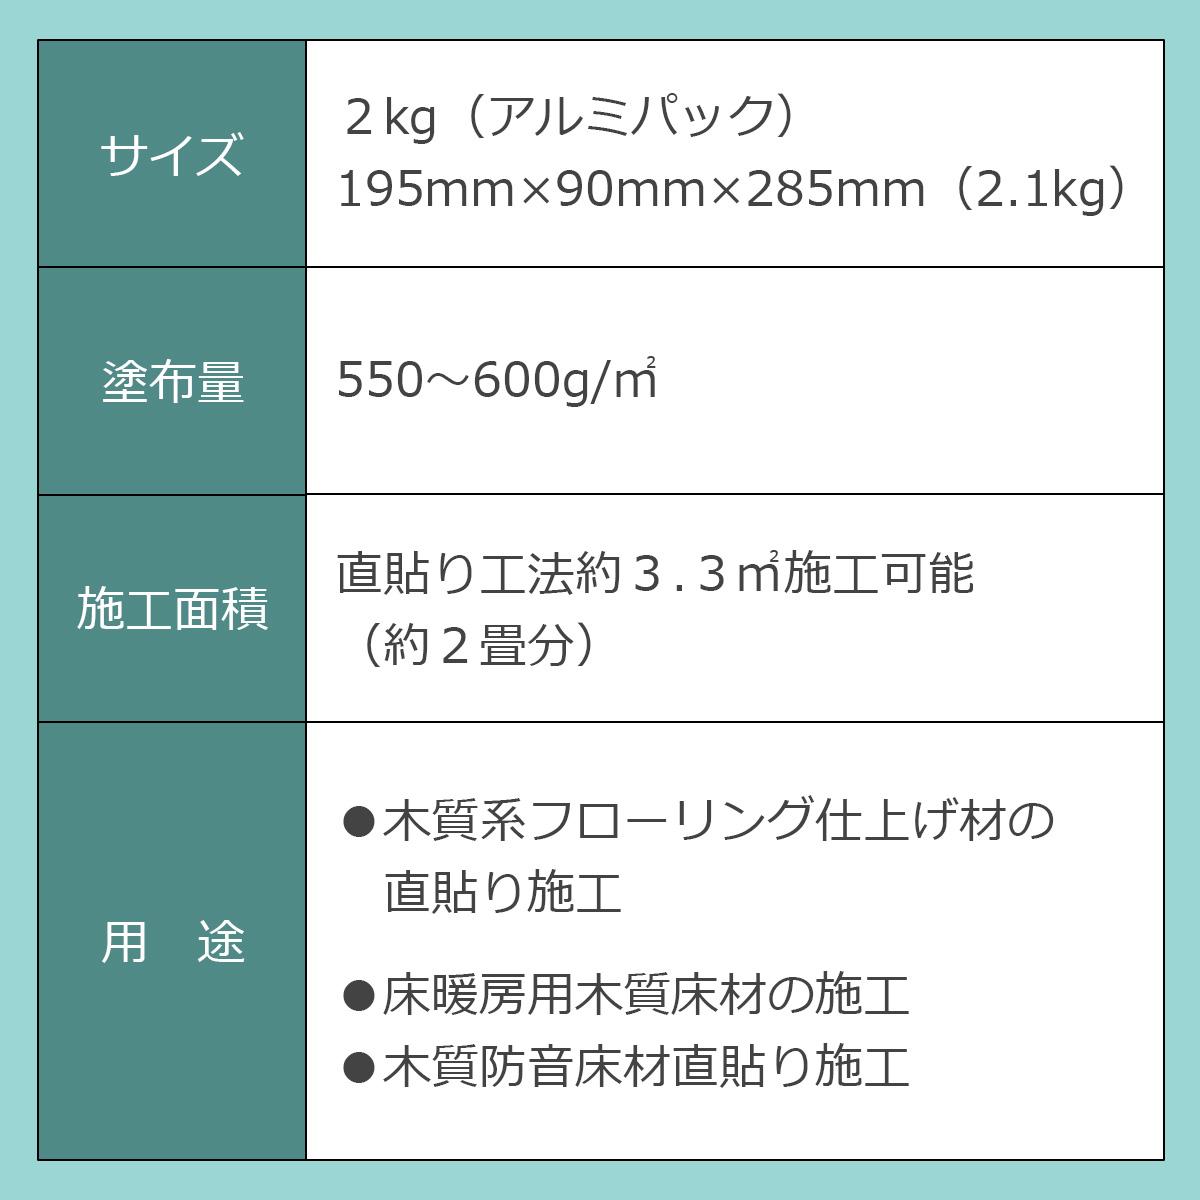 サイズ:2kg(アルミパック)195ミリ×90ミリ×285ミリ(2.1kg) 塗布量:550~600g/平方メートル 施工面積:直貼り工法約3.3平方メートル施工可能(約2畳分) 用途:木質系フローリング仕上げ材の直貼り施工・床暖房用木質床材の施工・木質防音床材直貼り施工